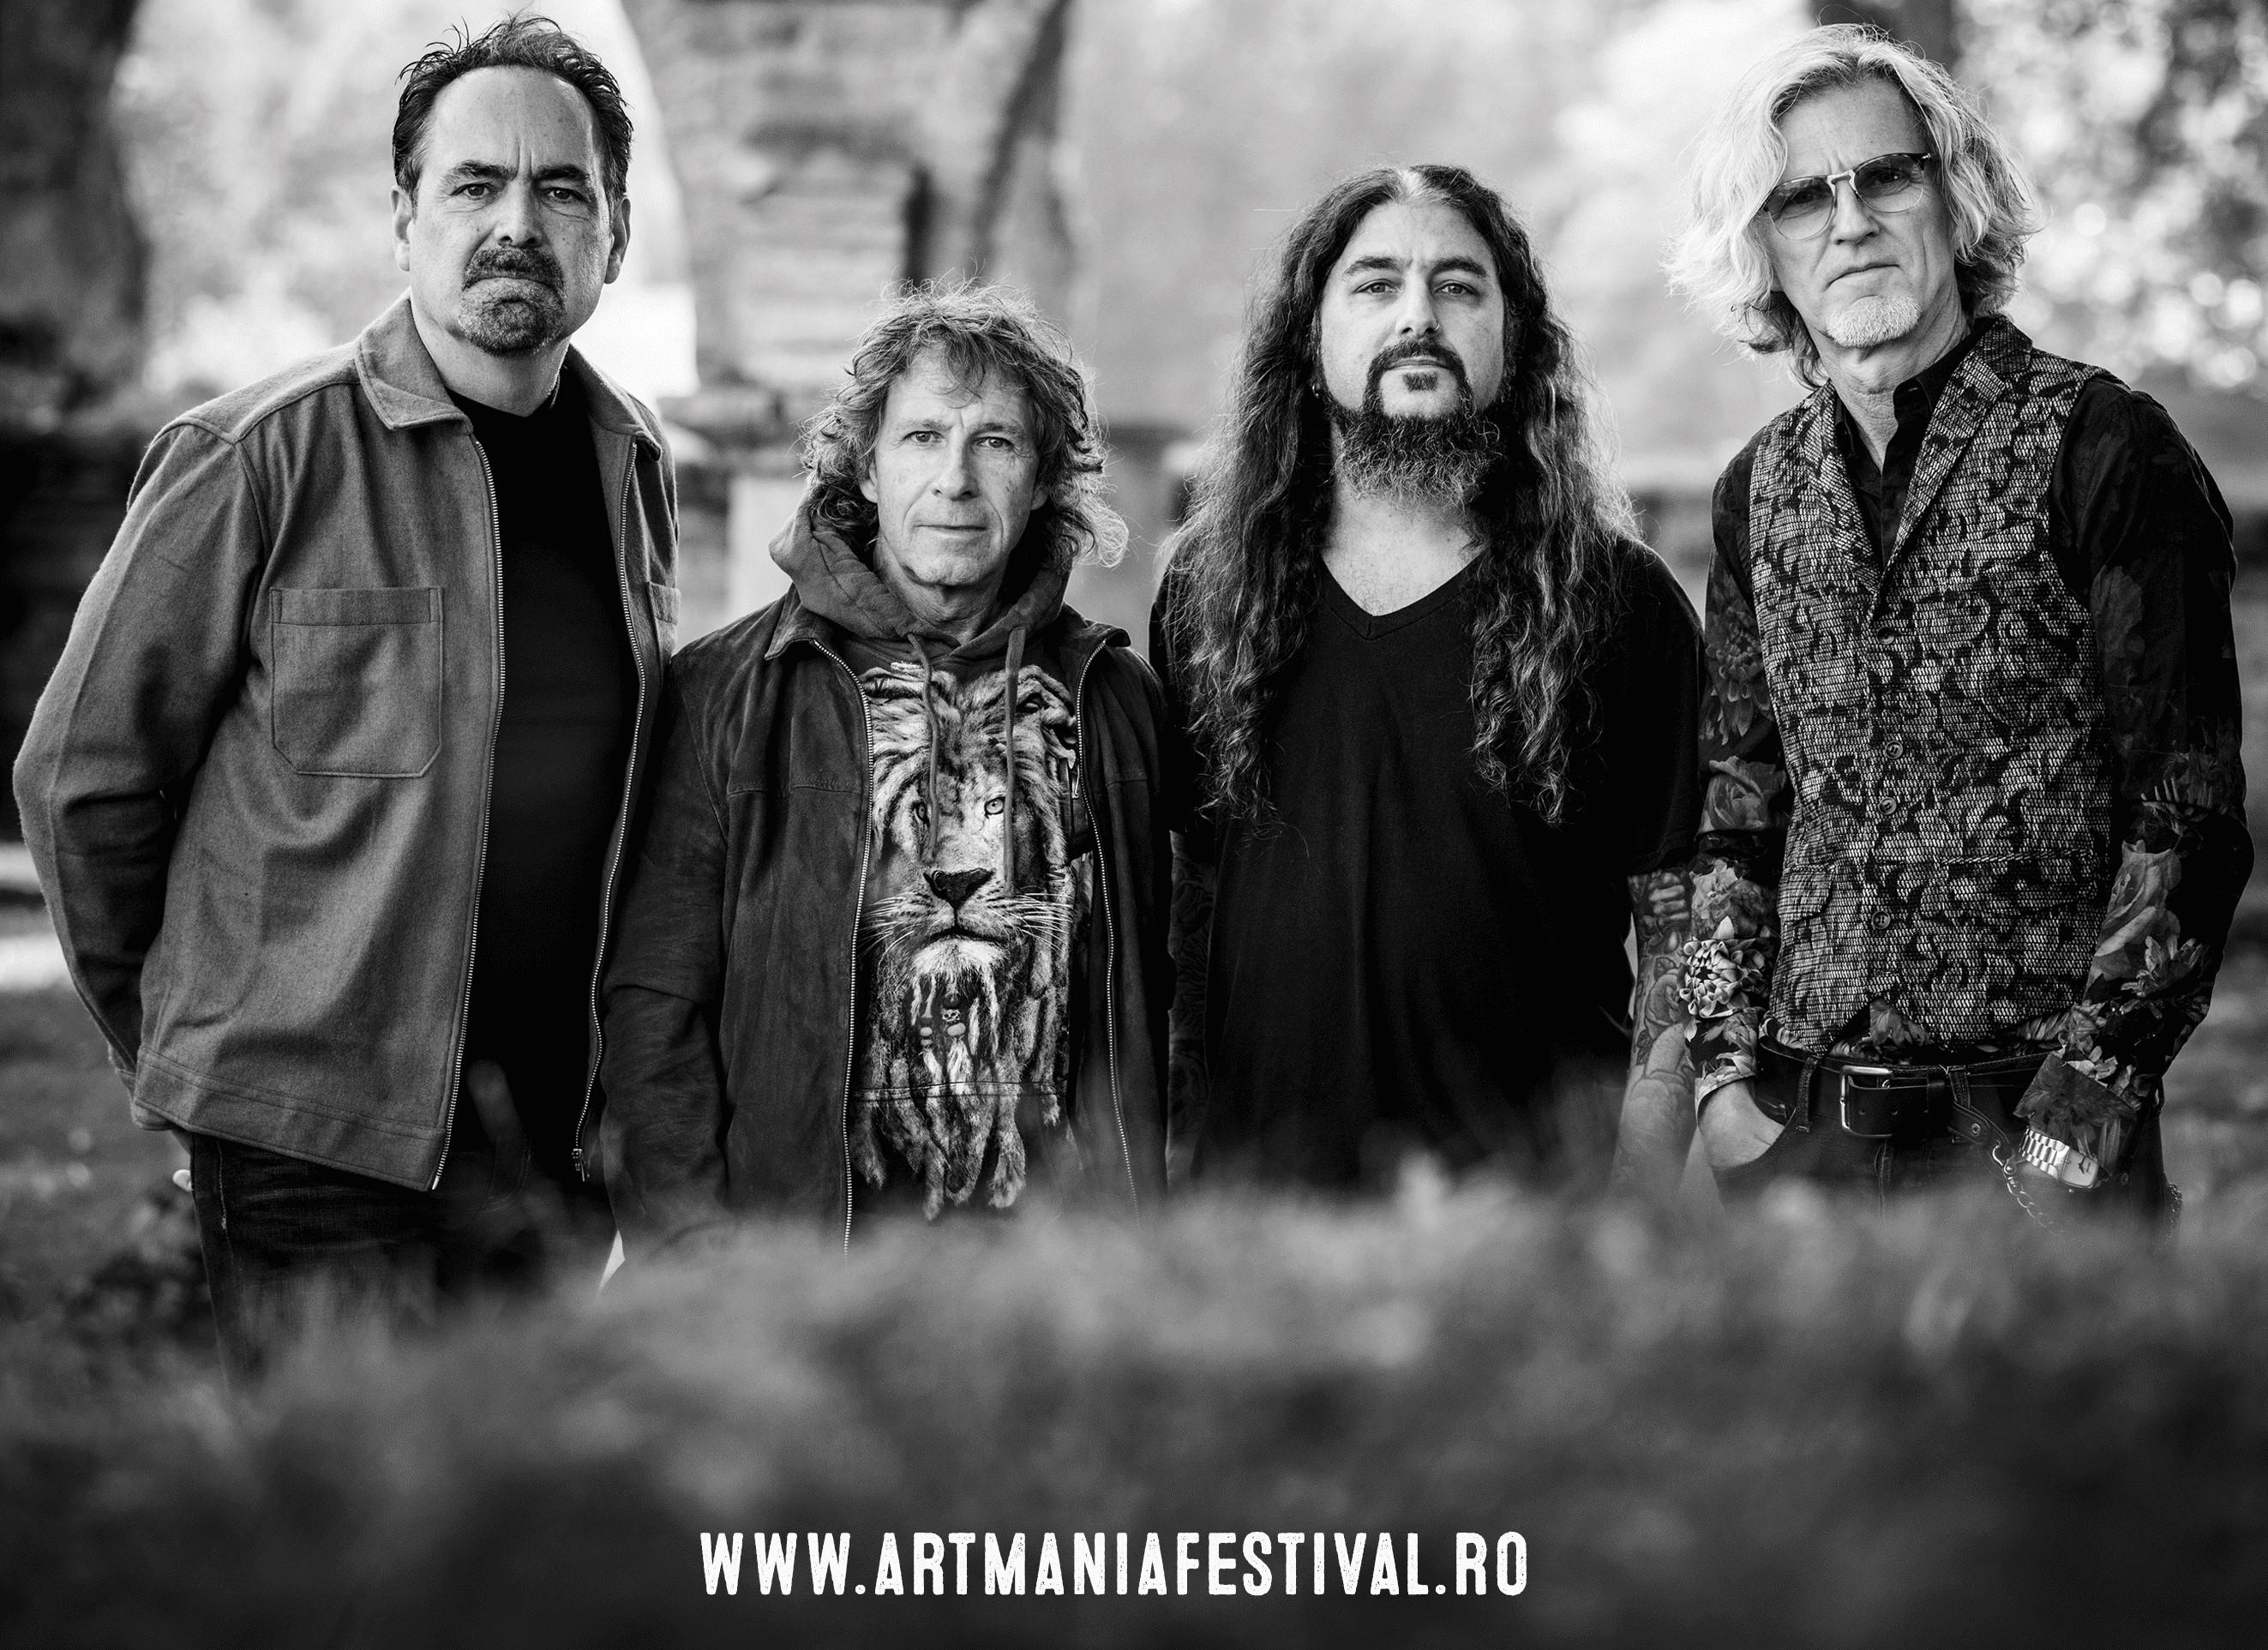 Super-grupul de rock progresiv Transatlantic concertează la ARTmania Festival 2022